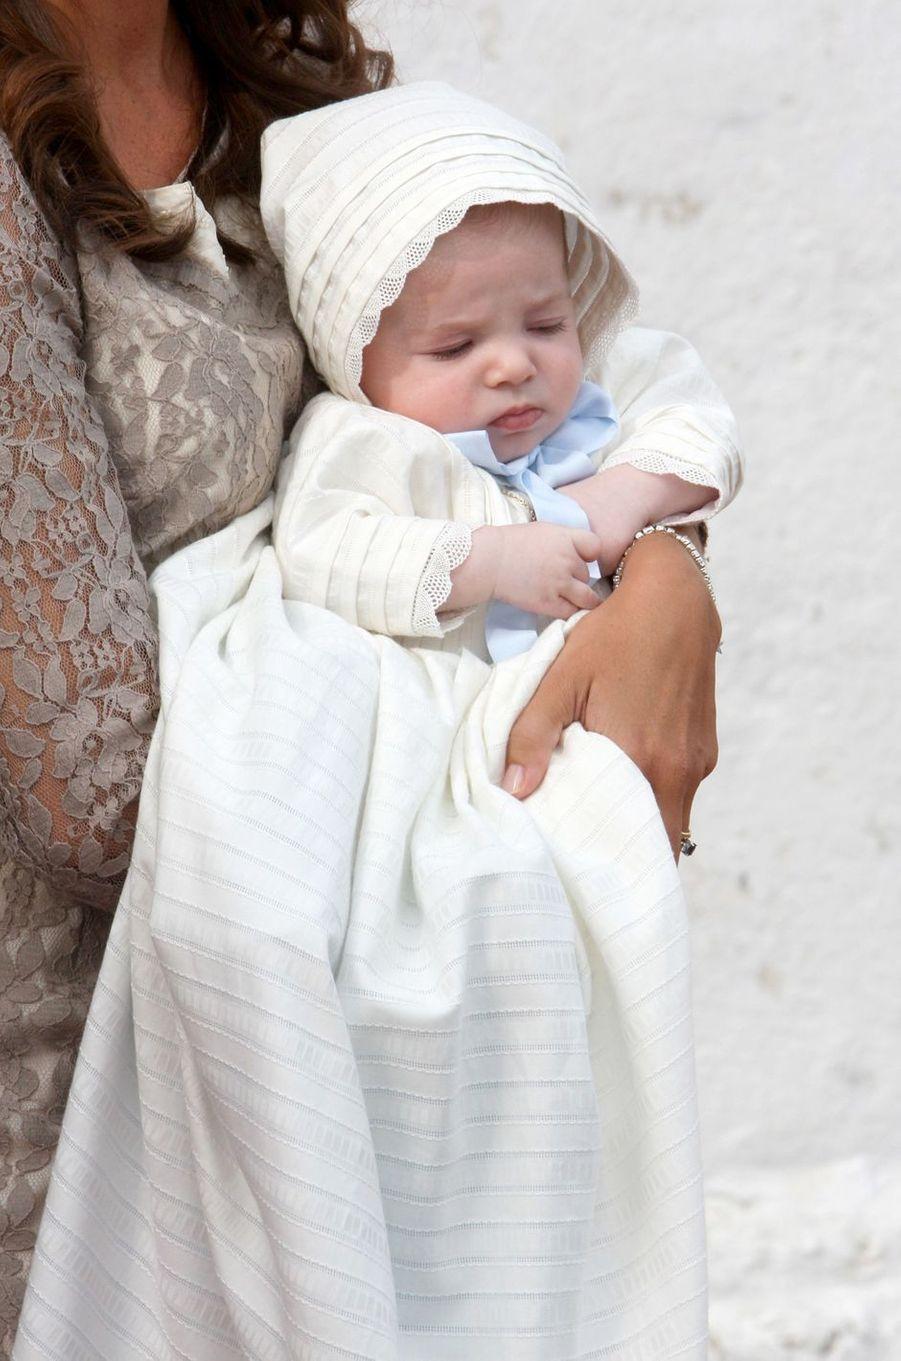 Le prince Henrik de Danemark le jour de son baptême, le 26 juillet 2009